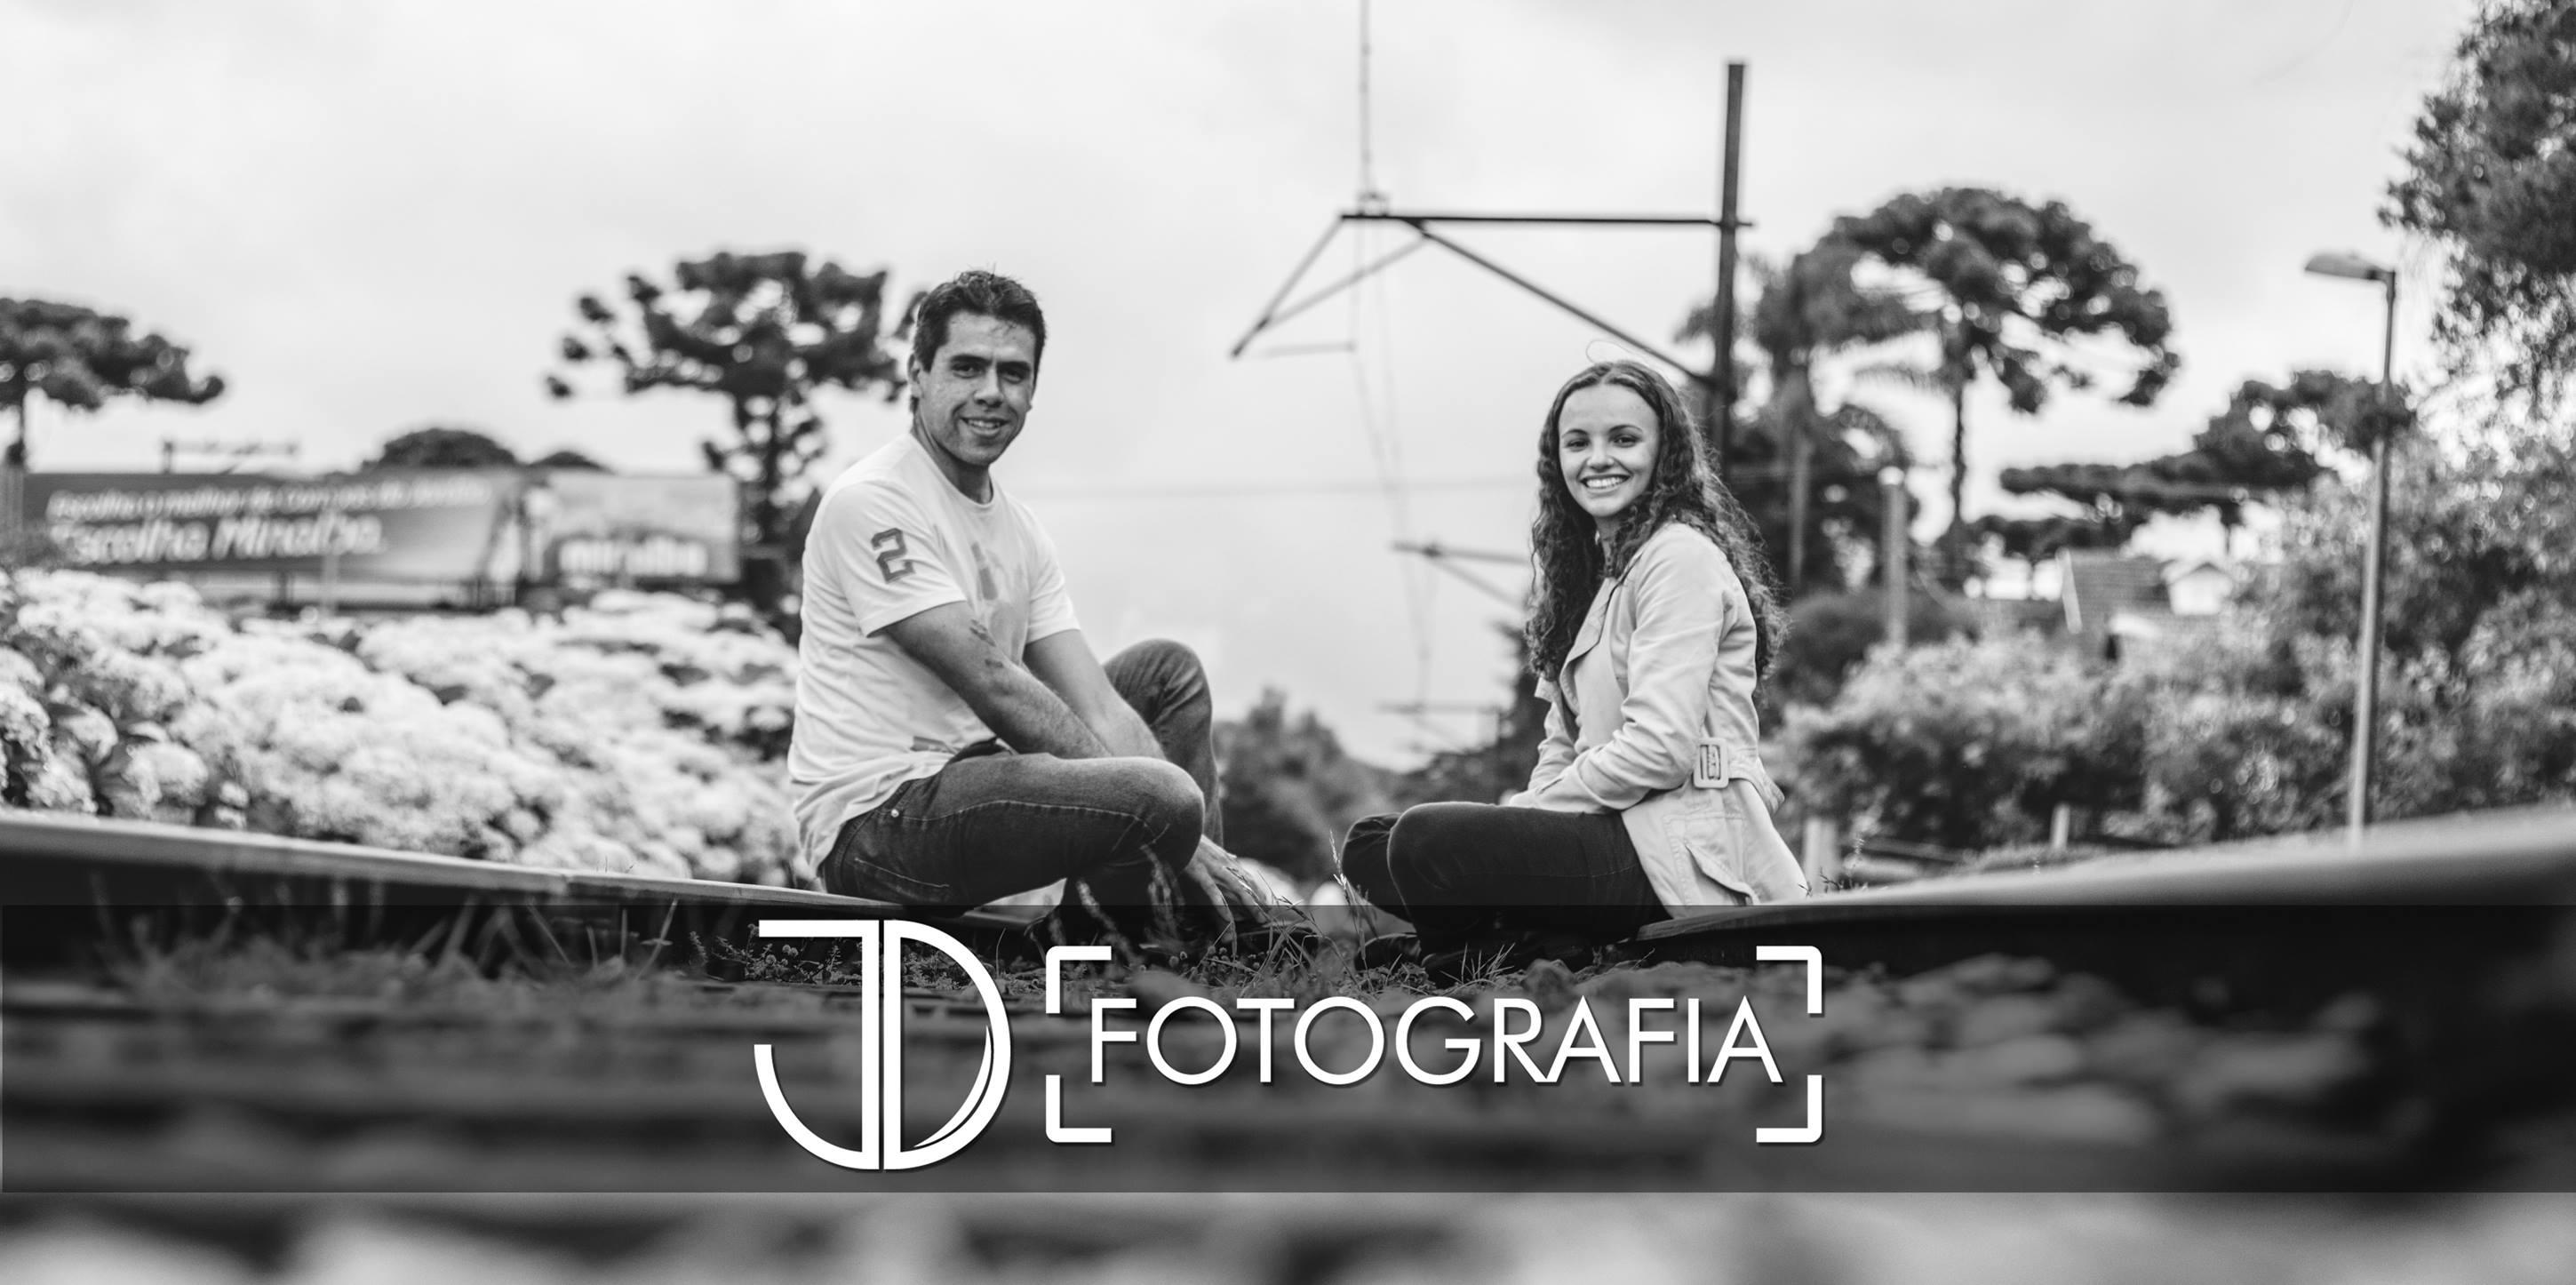 Sobre JD Fotografia   Casais   Gestante   Família   Ensaios   Casamento   Sessão Fotográfica   Fotógrafo   Suzano